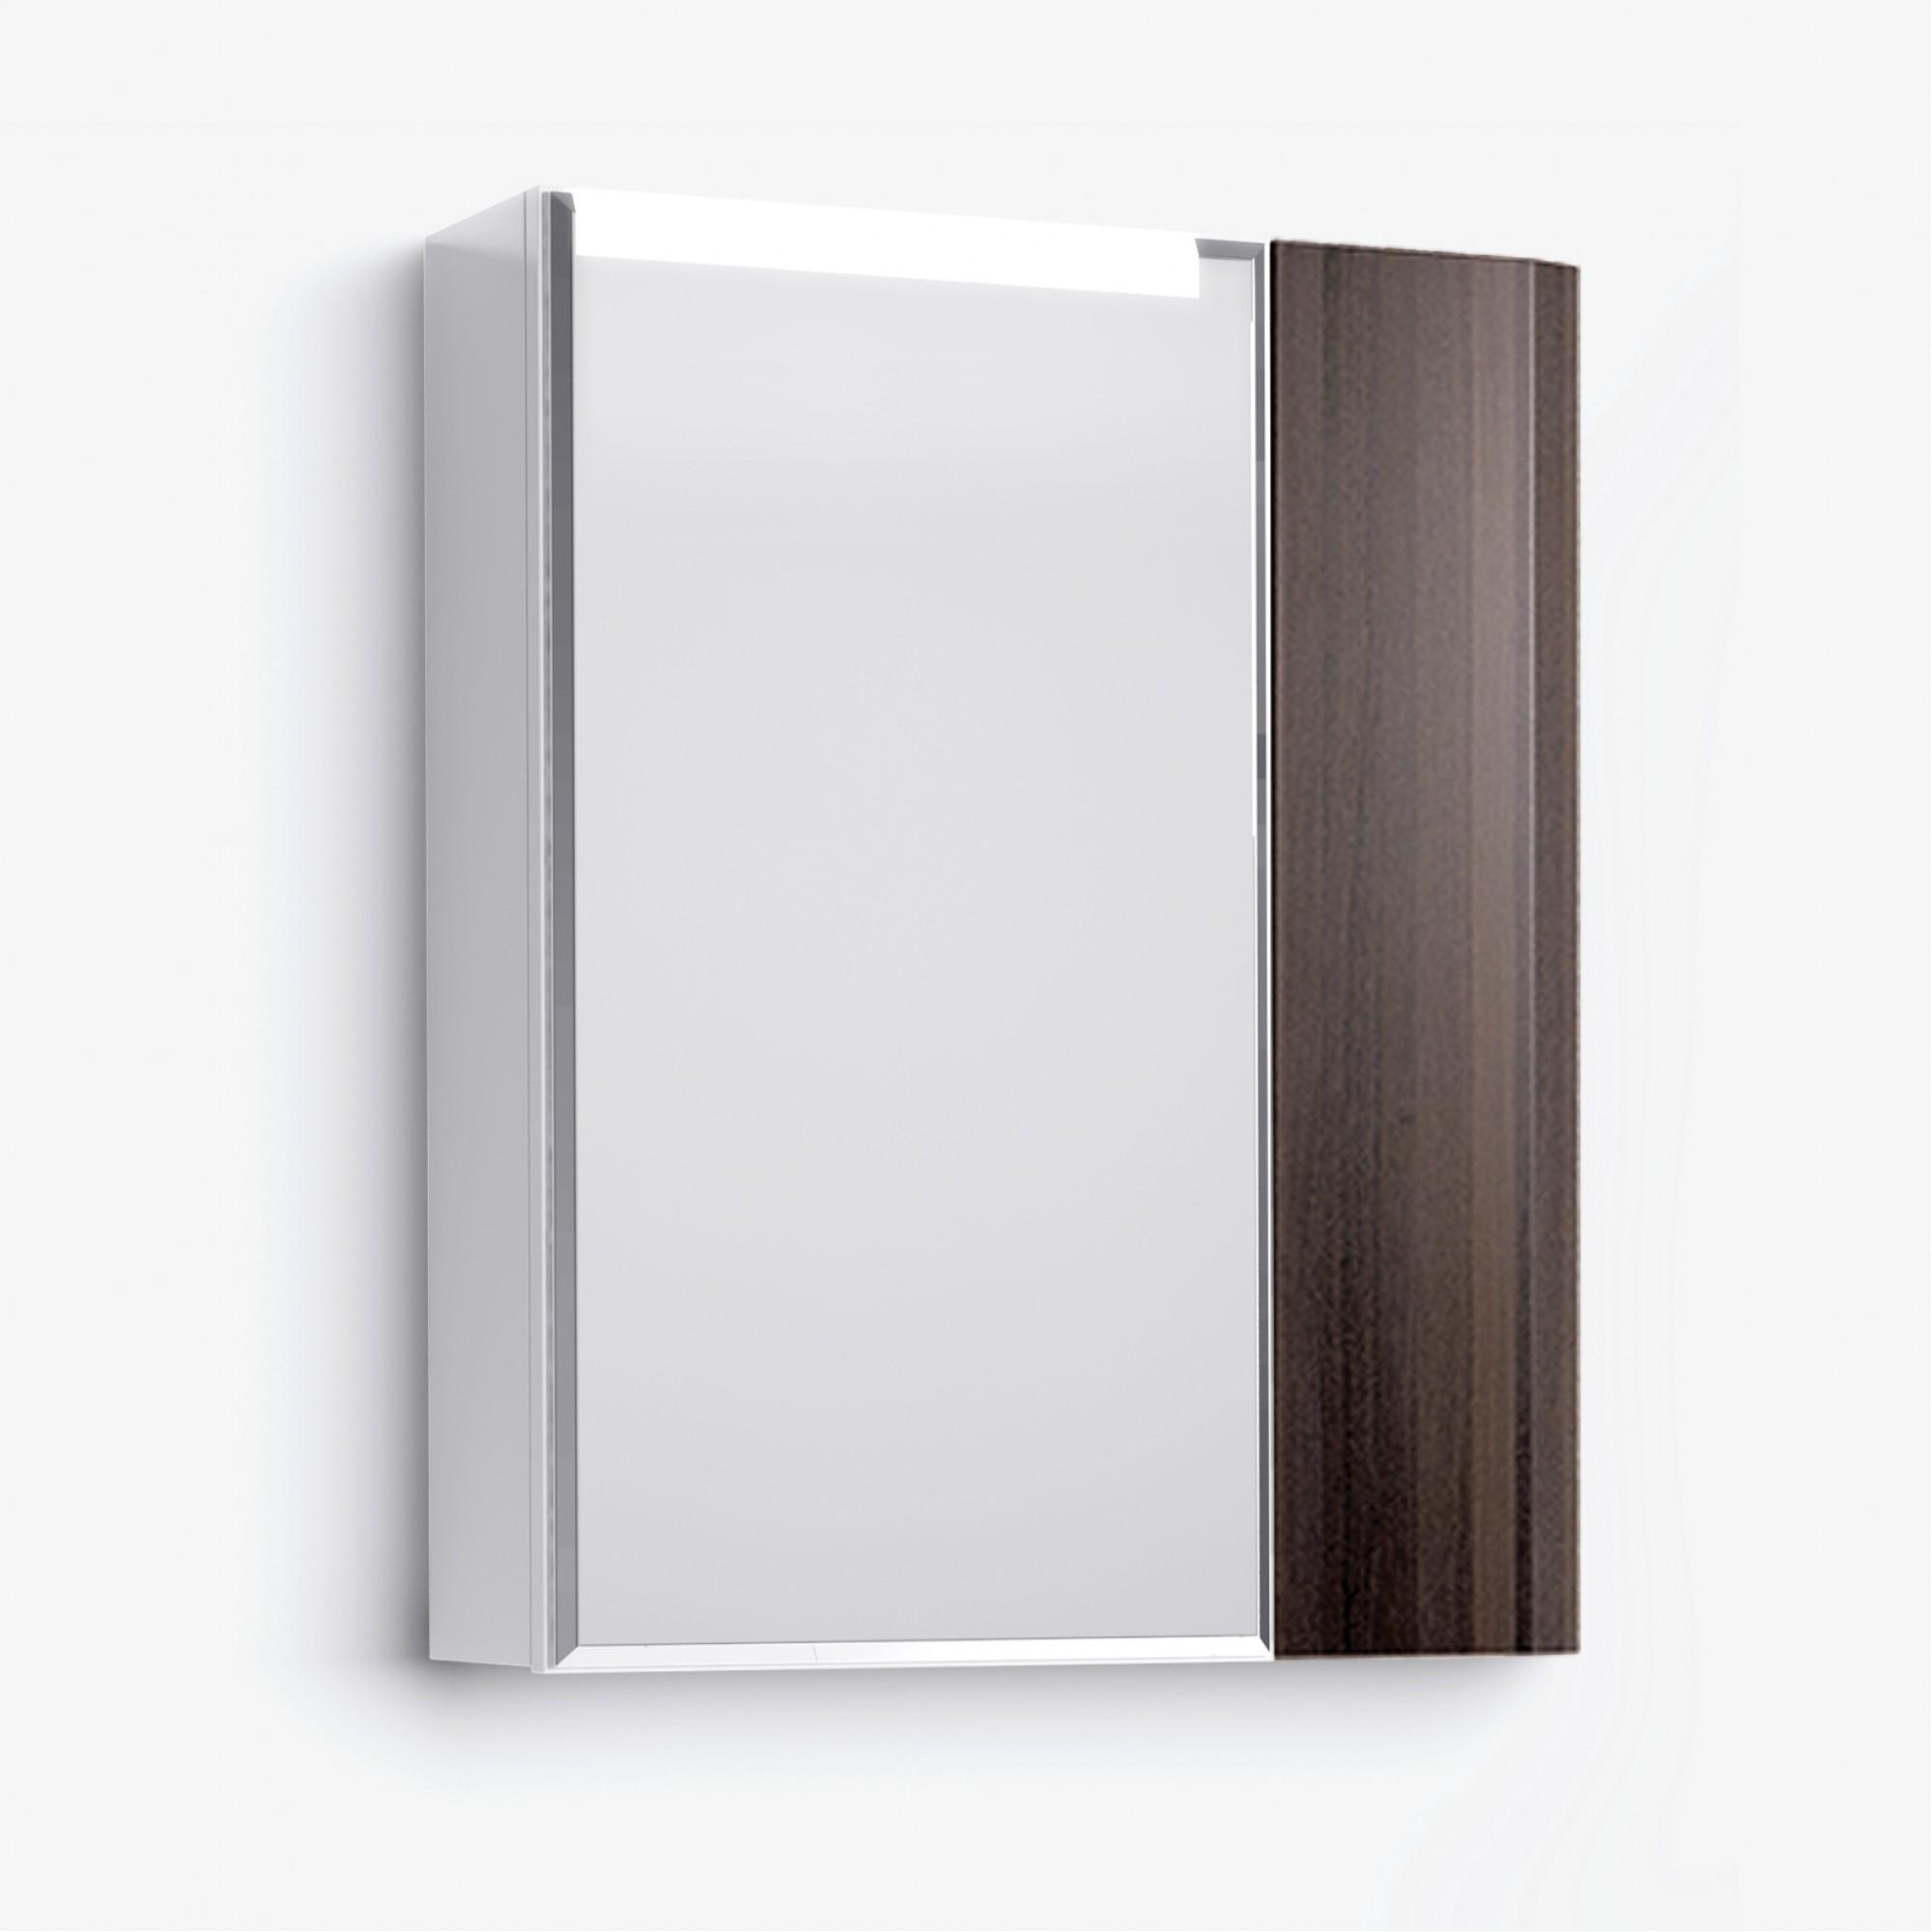 Шкаф зеркальный Latte 60 венге +7 700 руб.